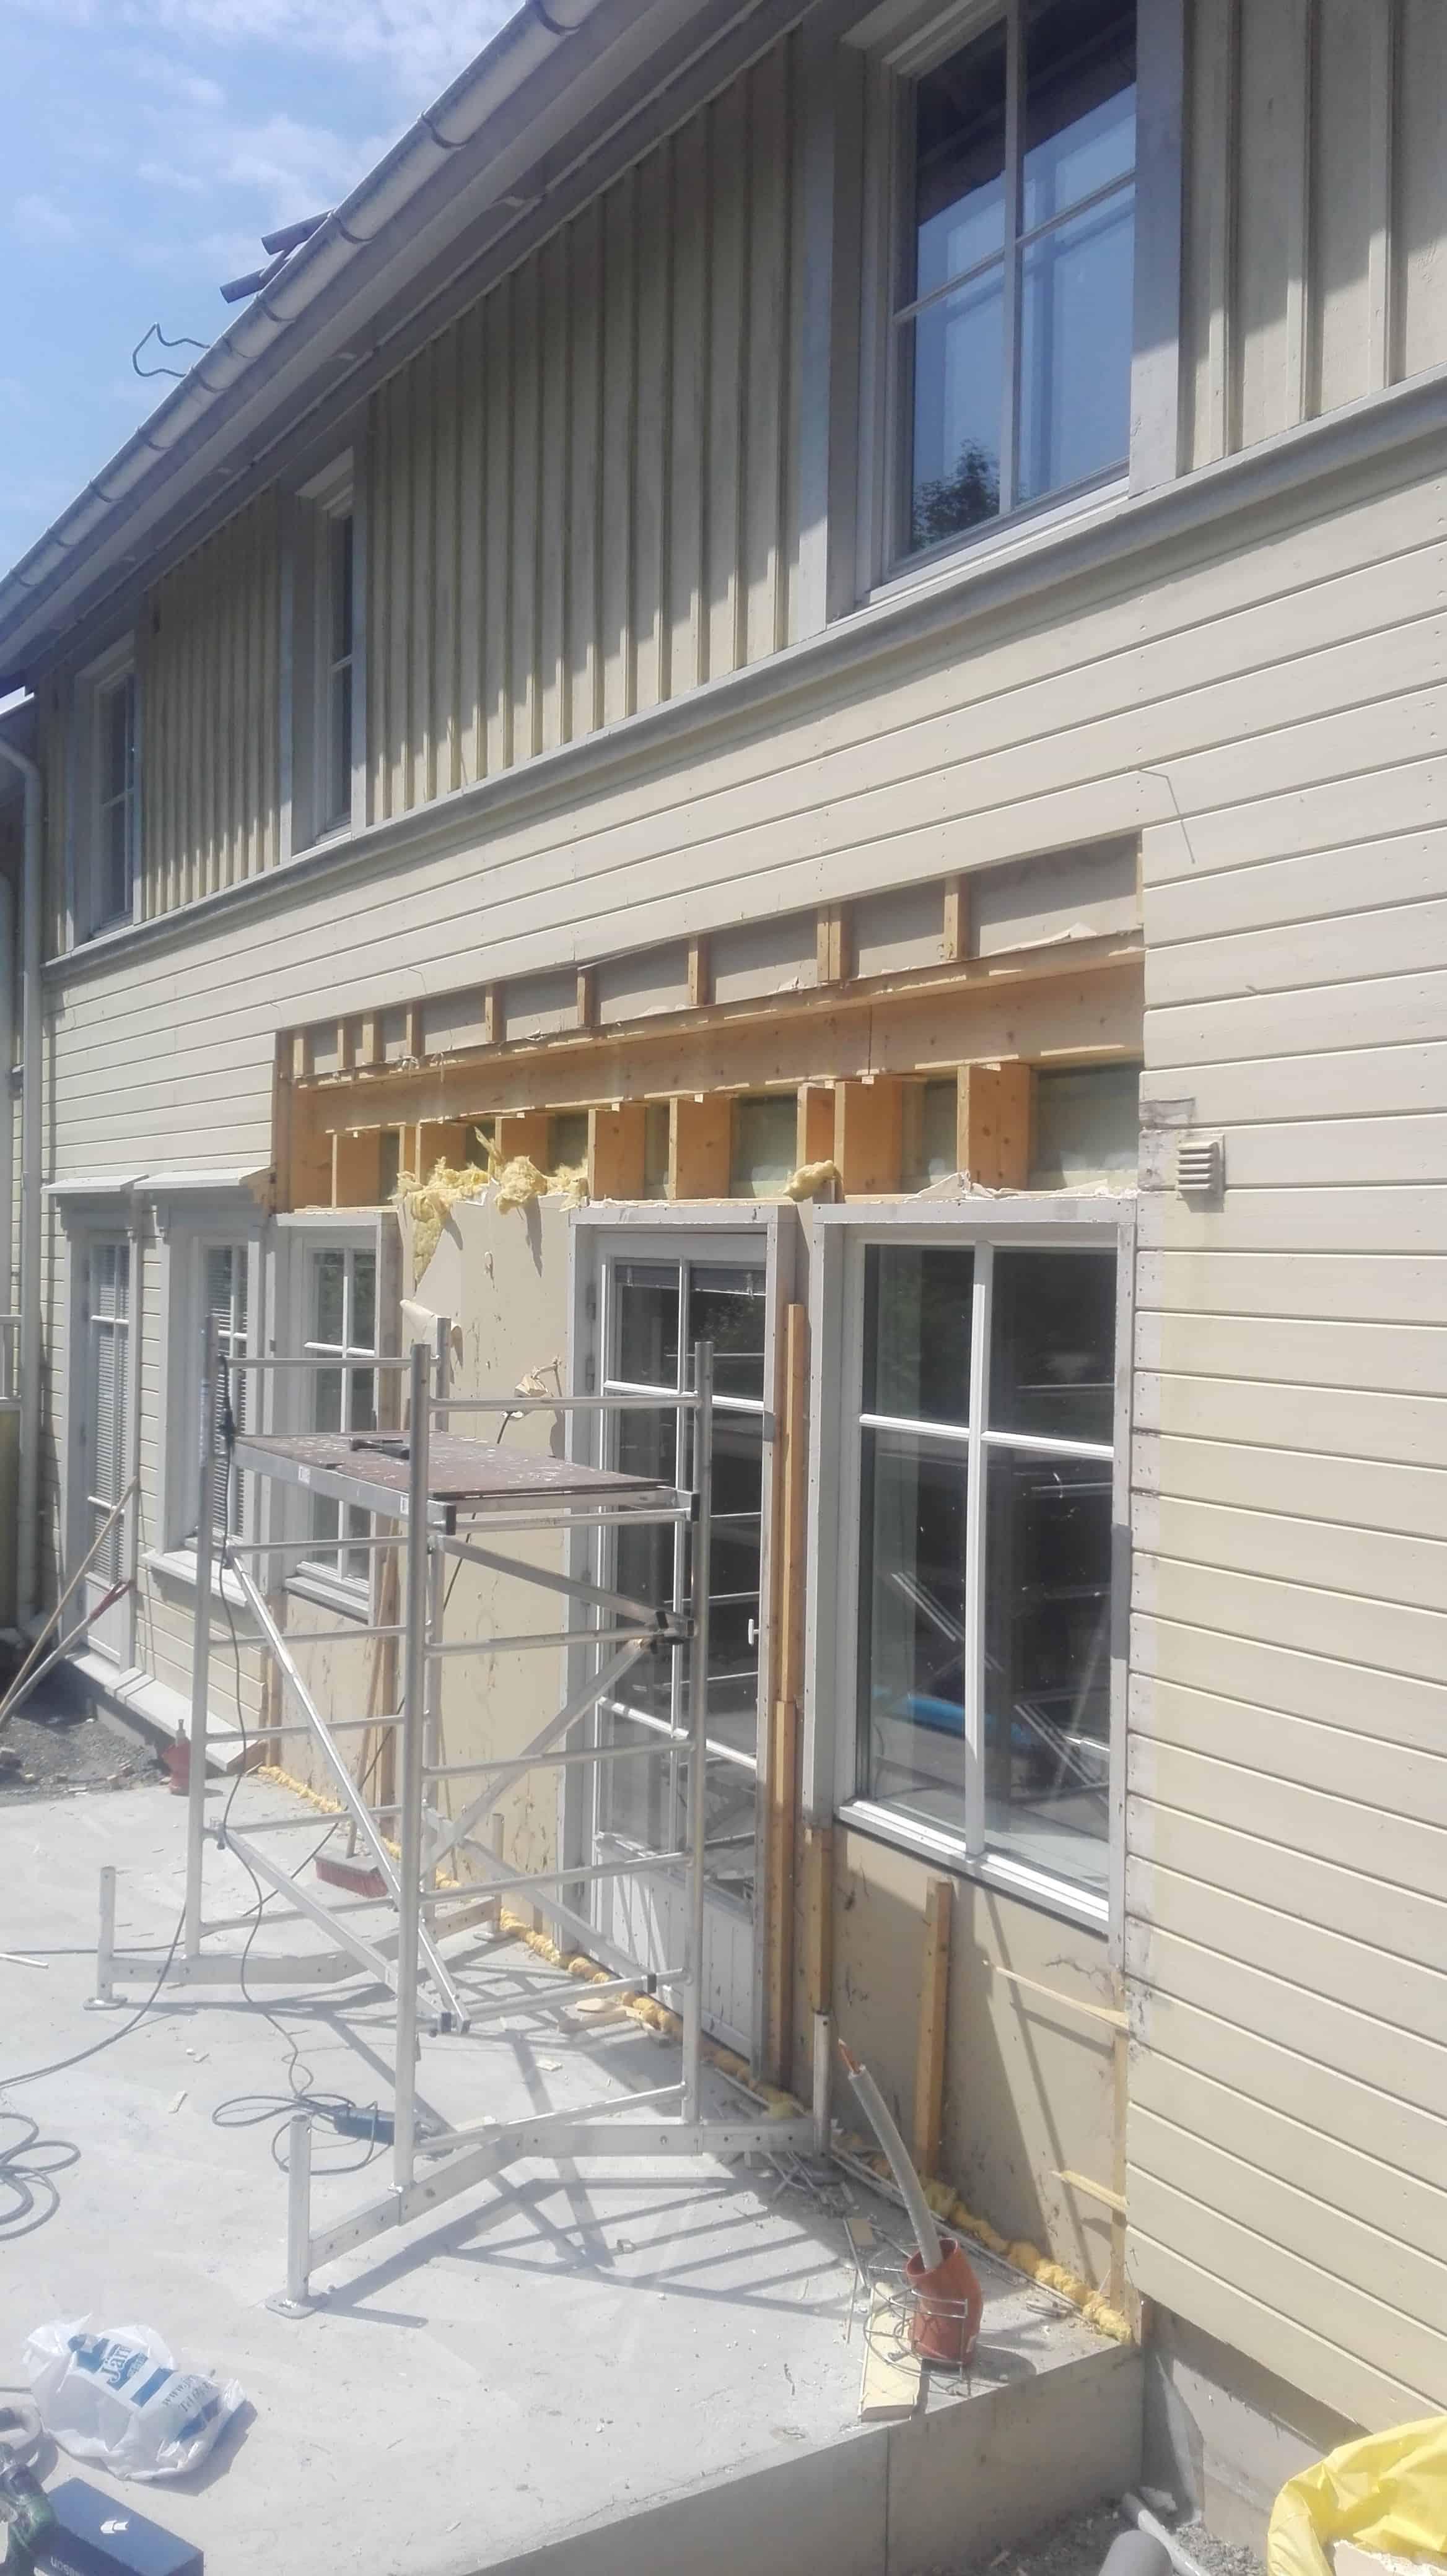 """Referensjobb """"Tillbyggnad av parhus i två plan i Kyrkbyn på Hisingen"""" utfört av Bygghus1 i Norden AB"""